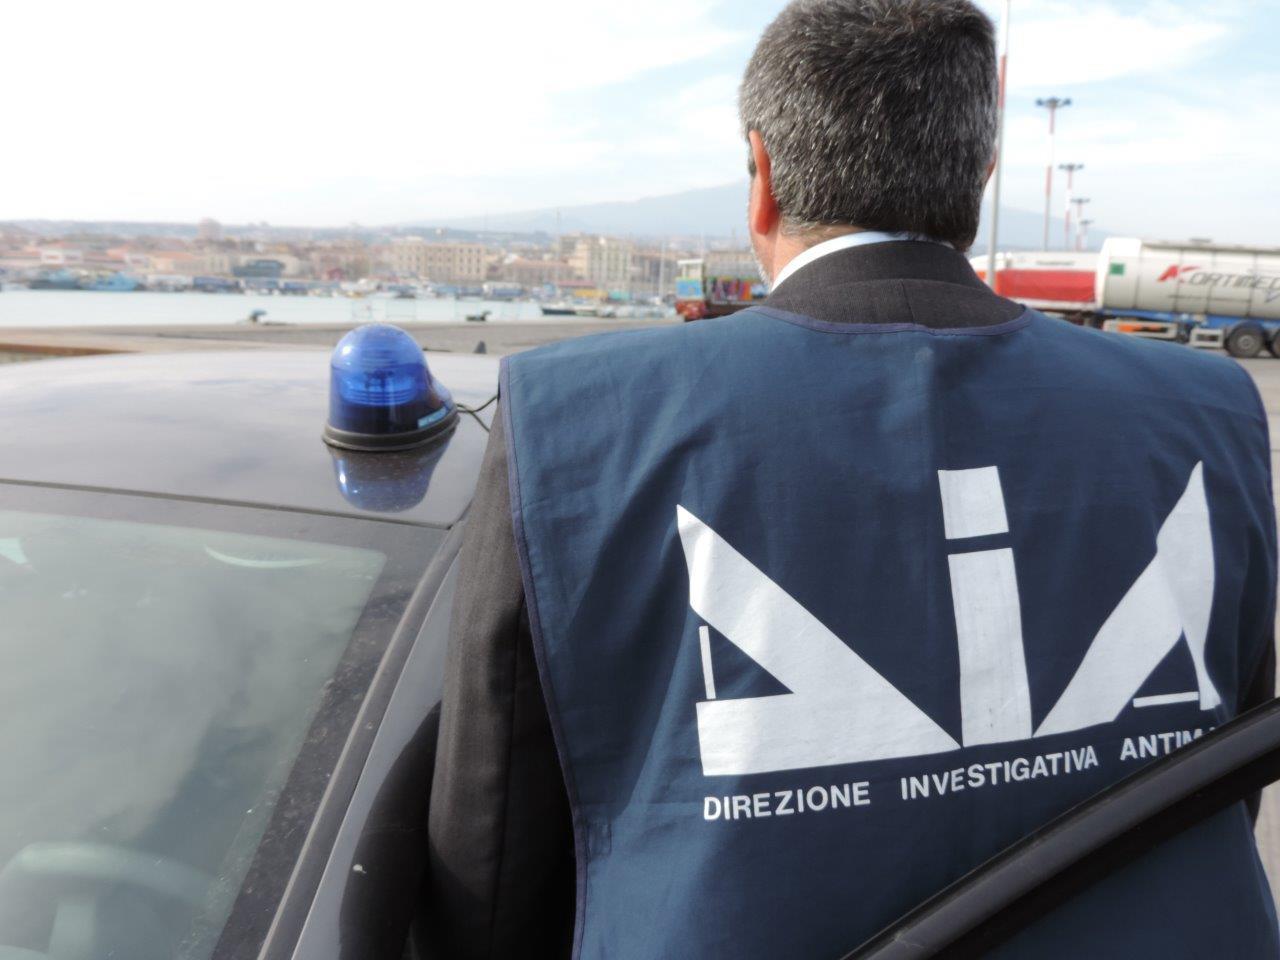 Criminalità: 1,2 mln beni sequestrati a giostraio nel Barese